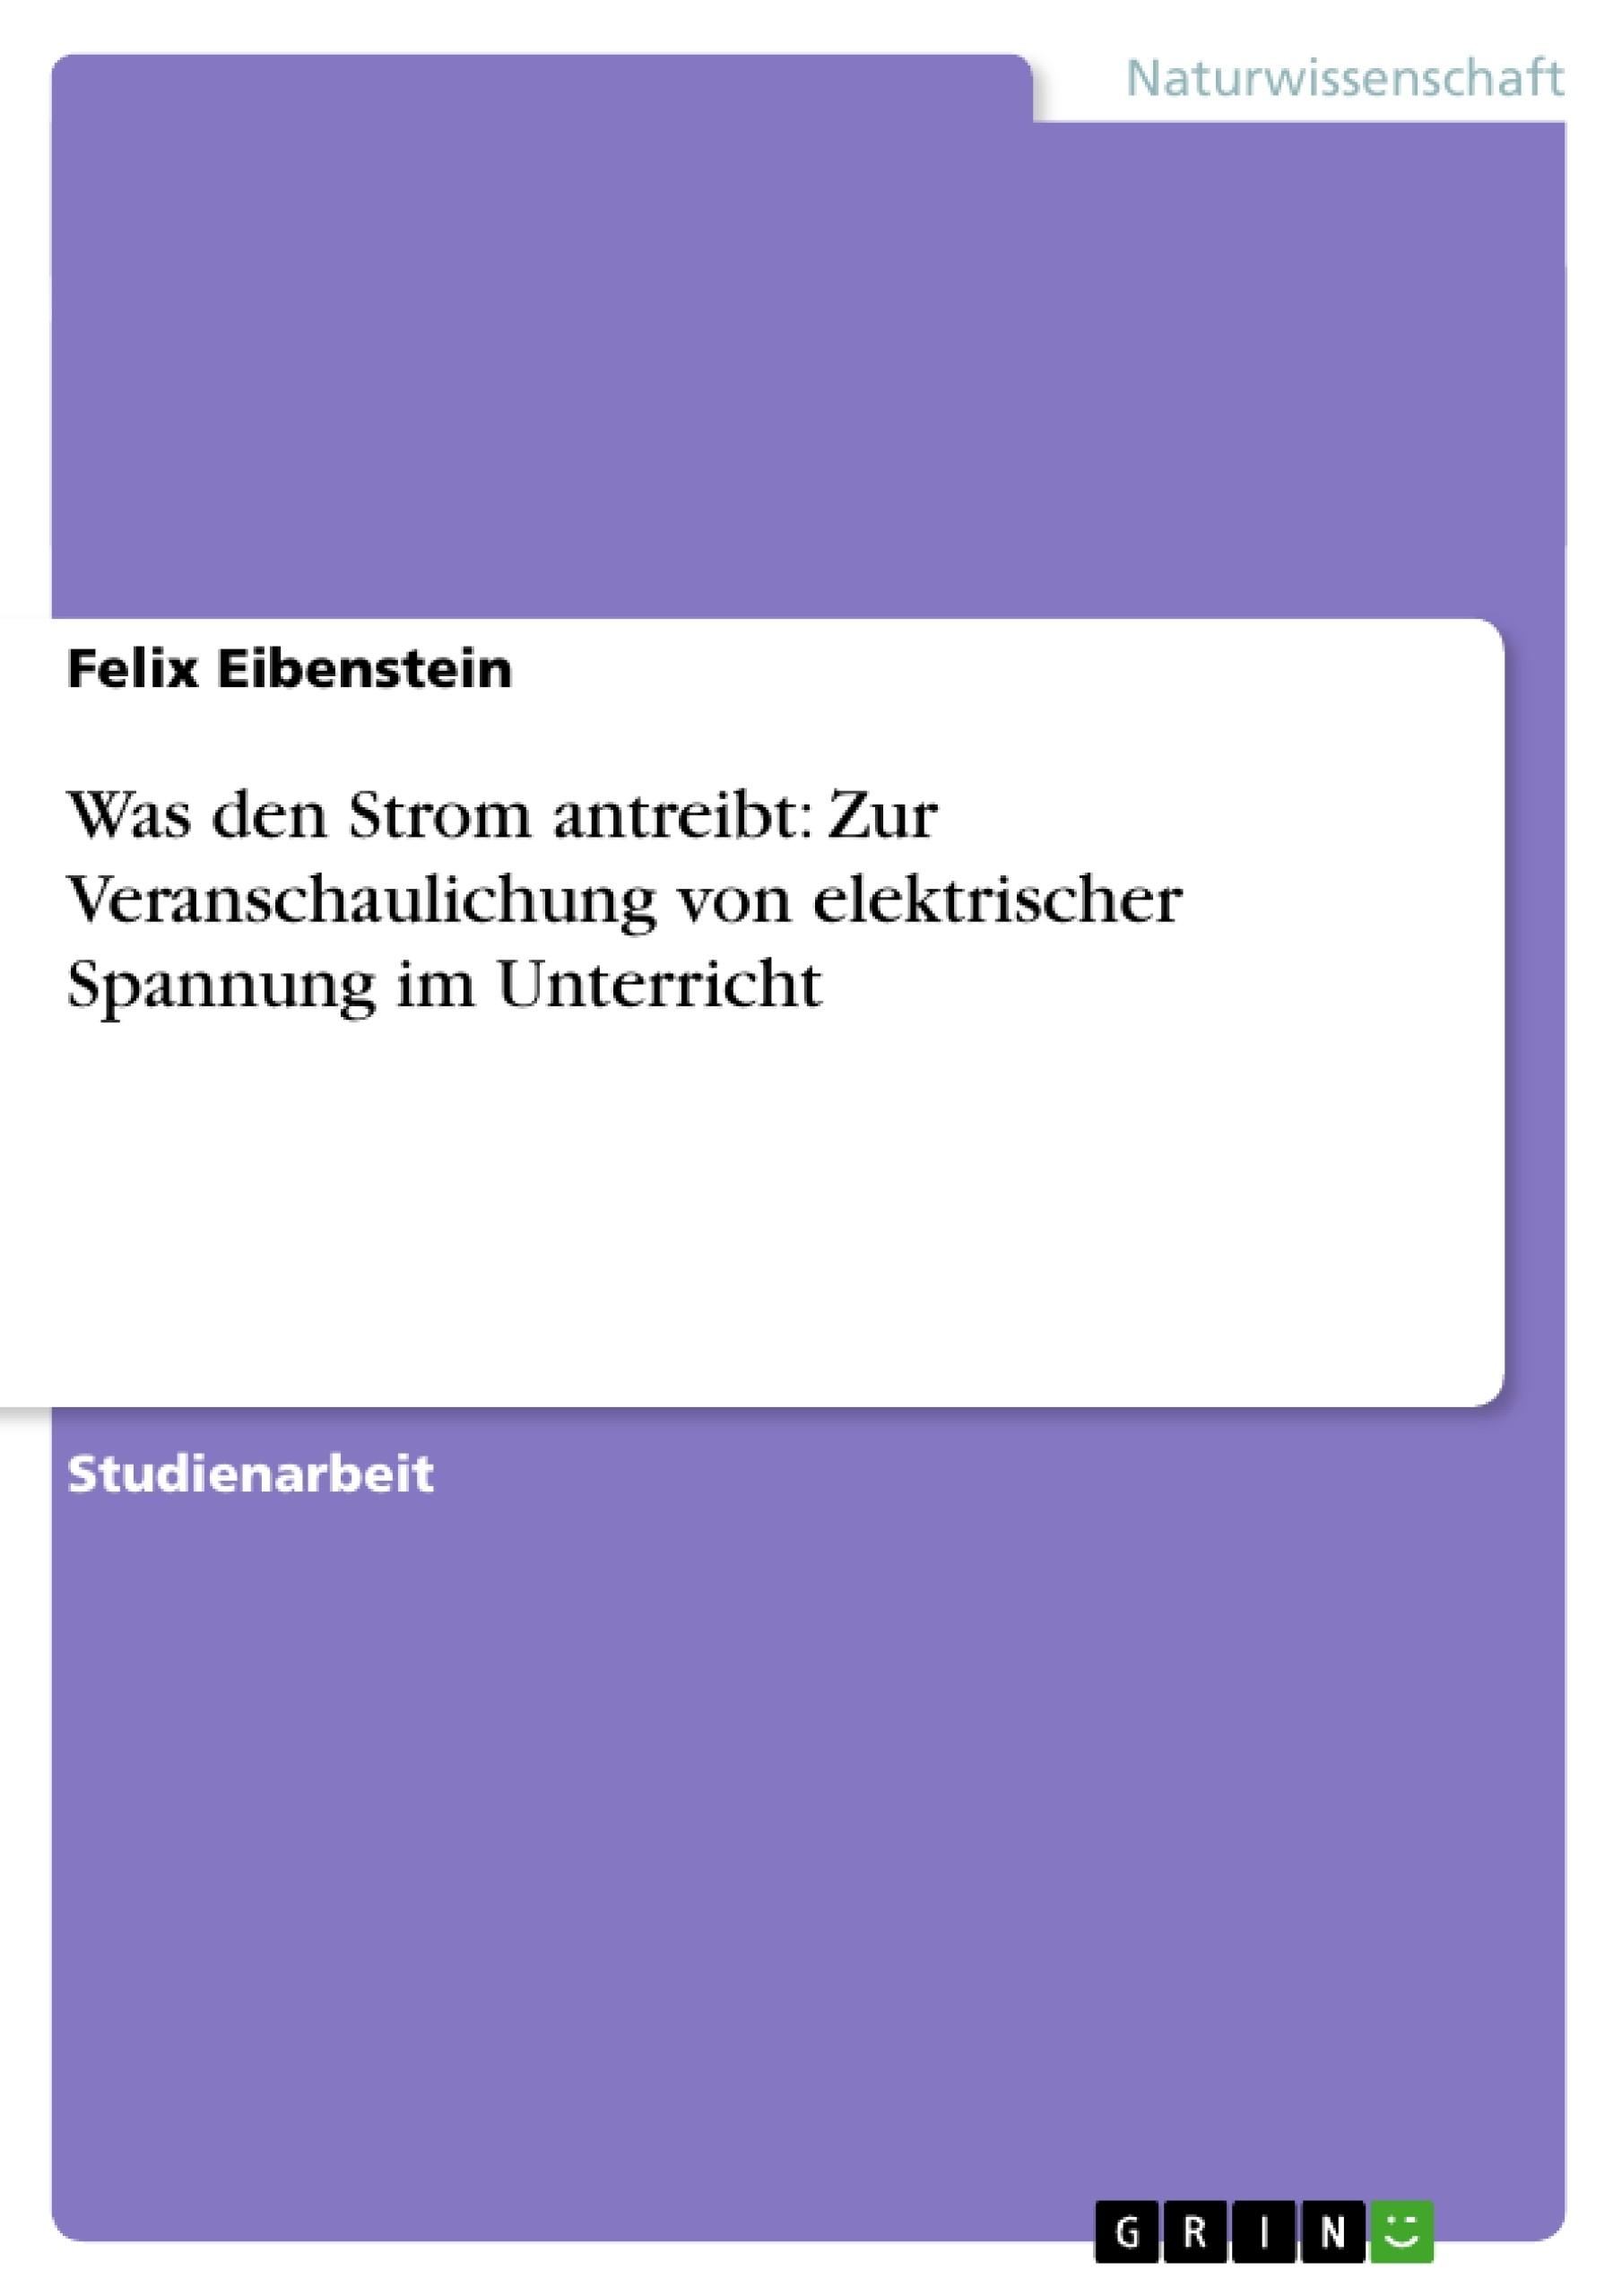 Titel: Was den Strom antreibt: Zur Veranschaulichung von elektrischer Spannung im Unterricht